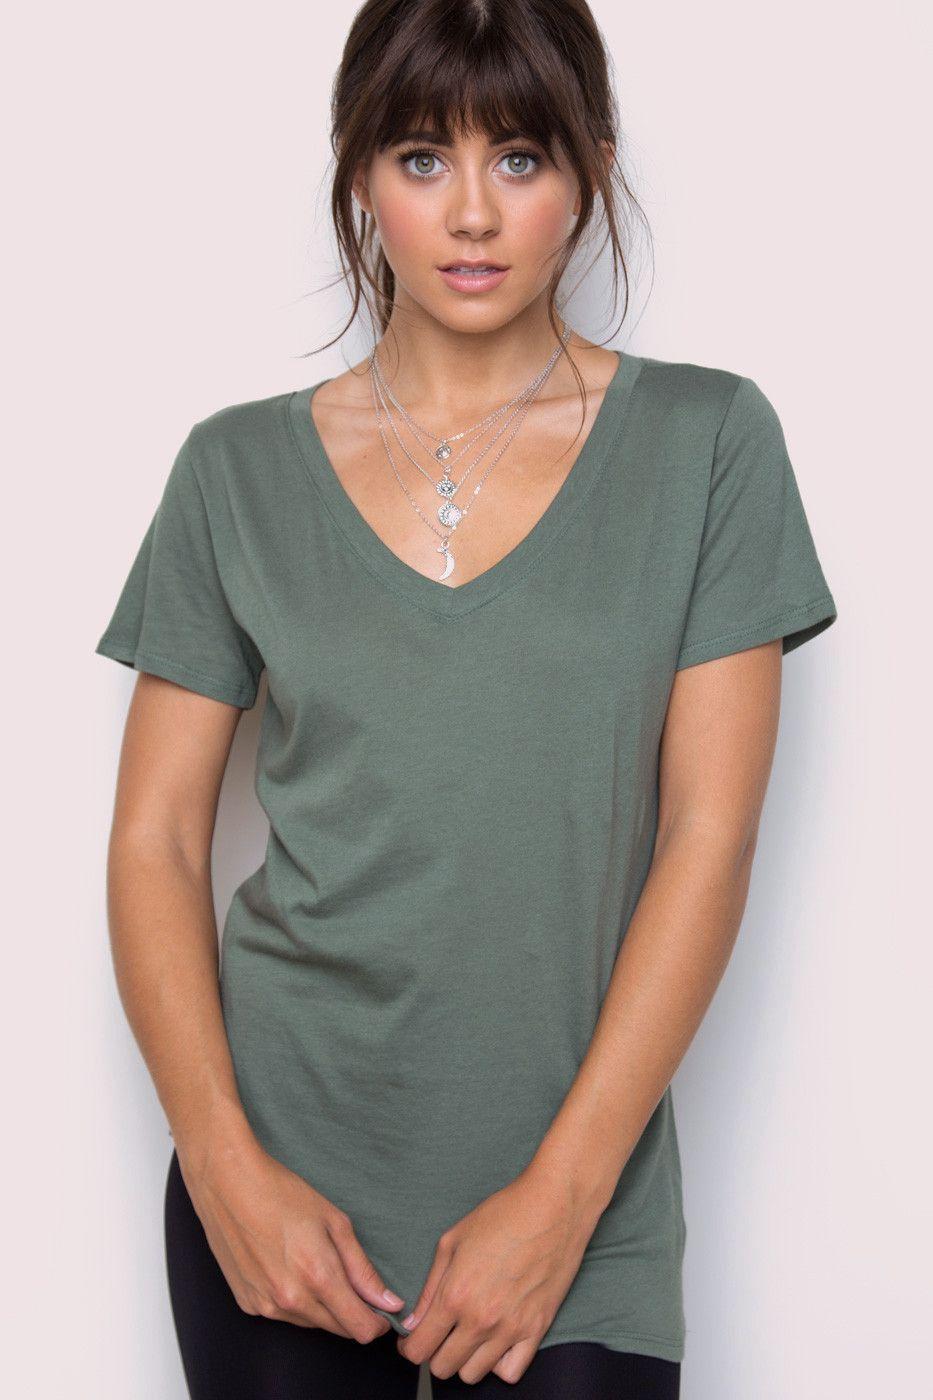 Jenna Basic Top in Olive